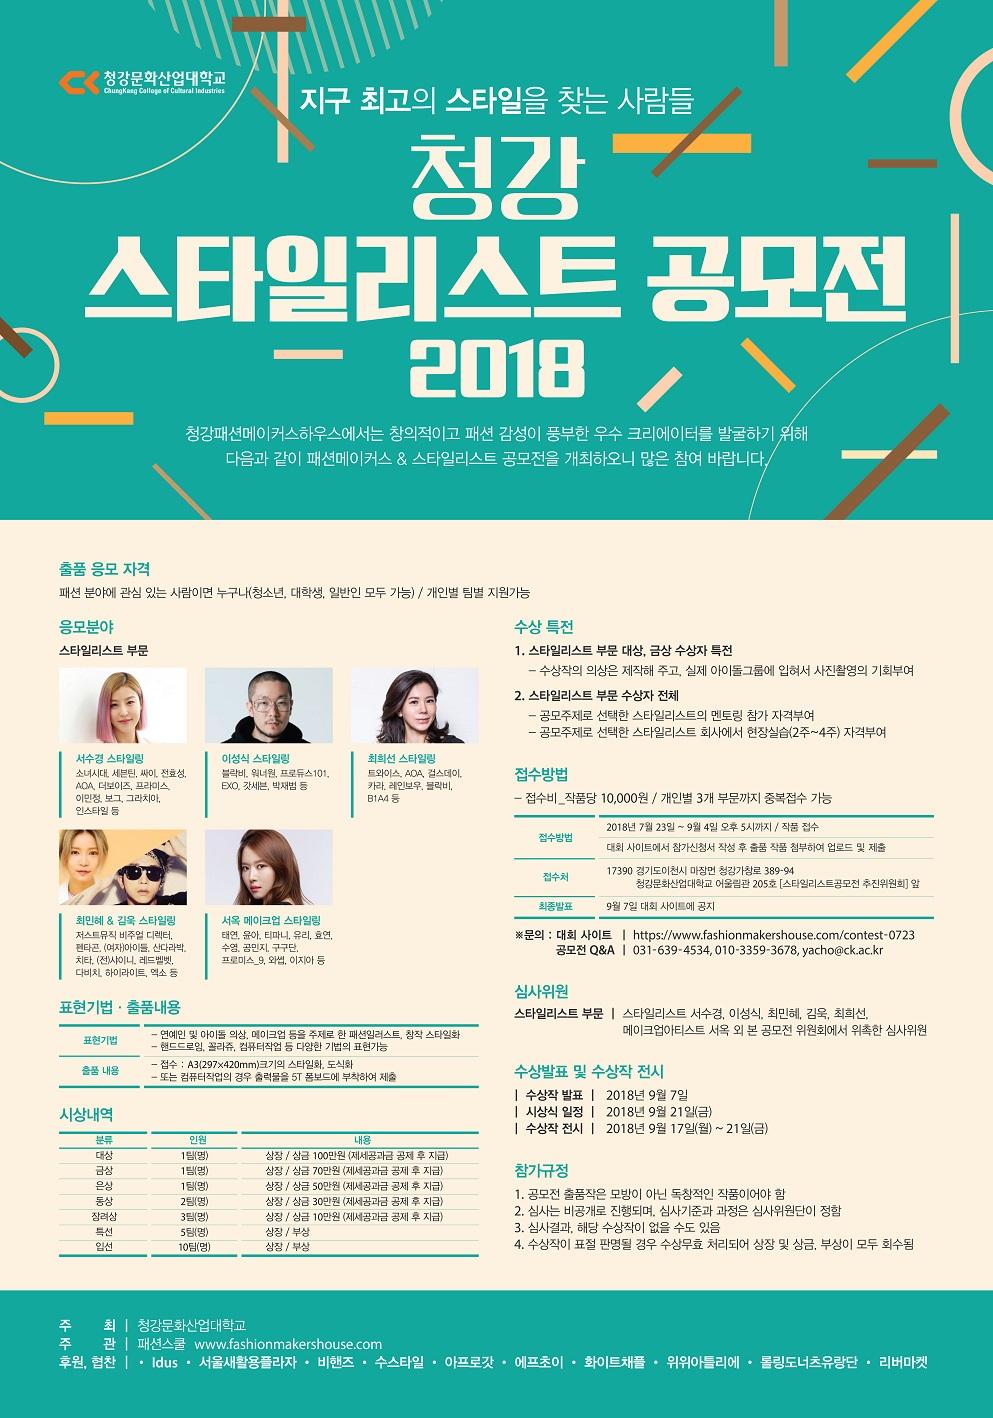 청강 스타일리스트 공모전 2018